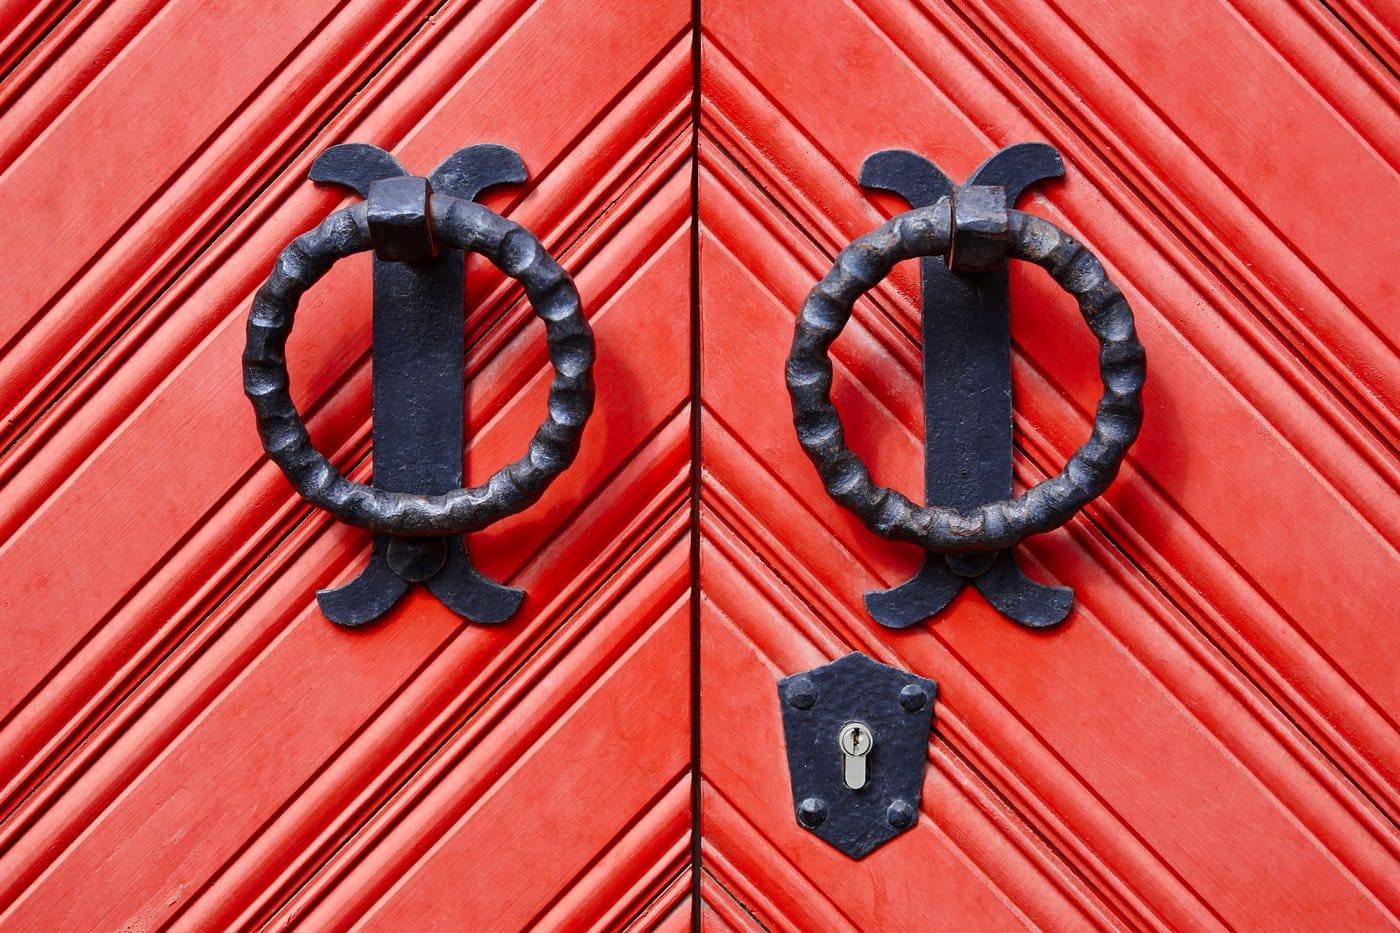 Antique metal door knockers on a door